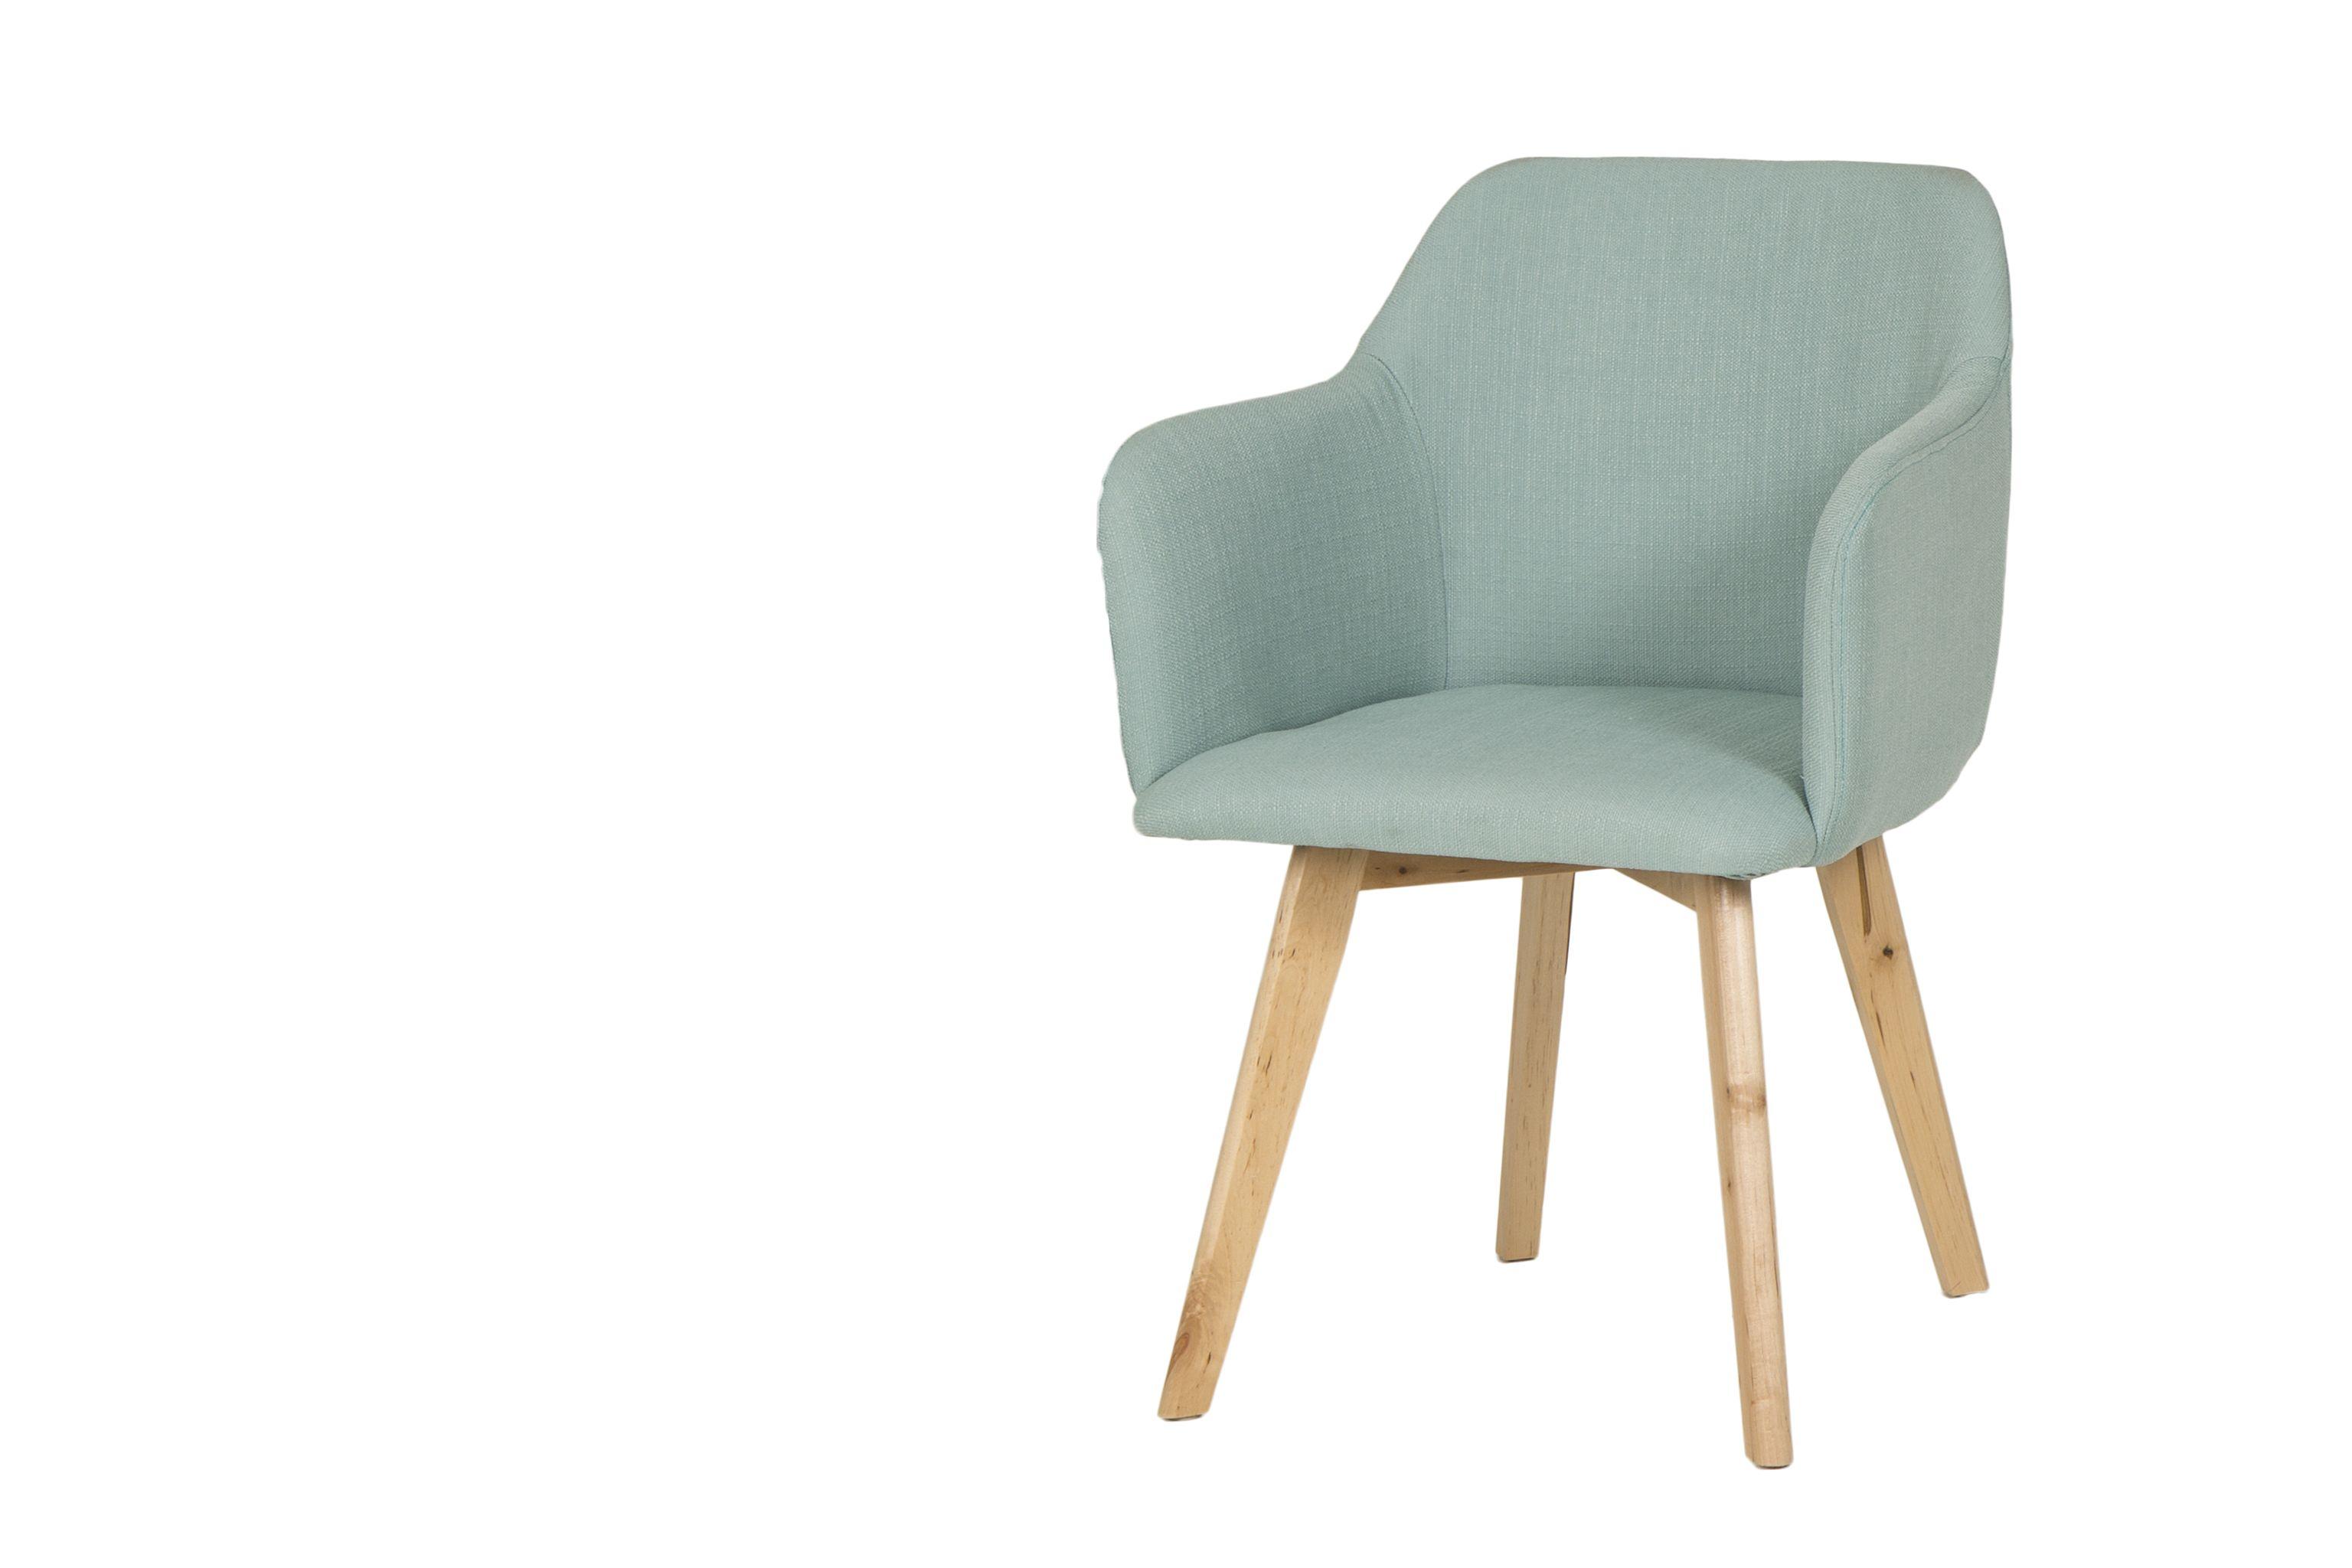 Eettafel stoelen weba weba promotie in massief fir hout smeedijz